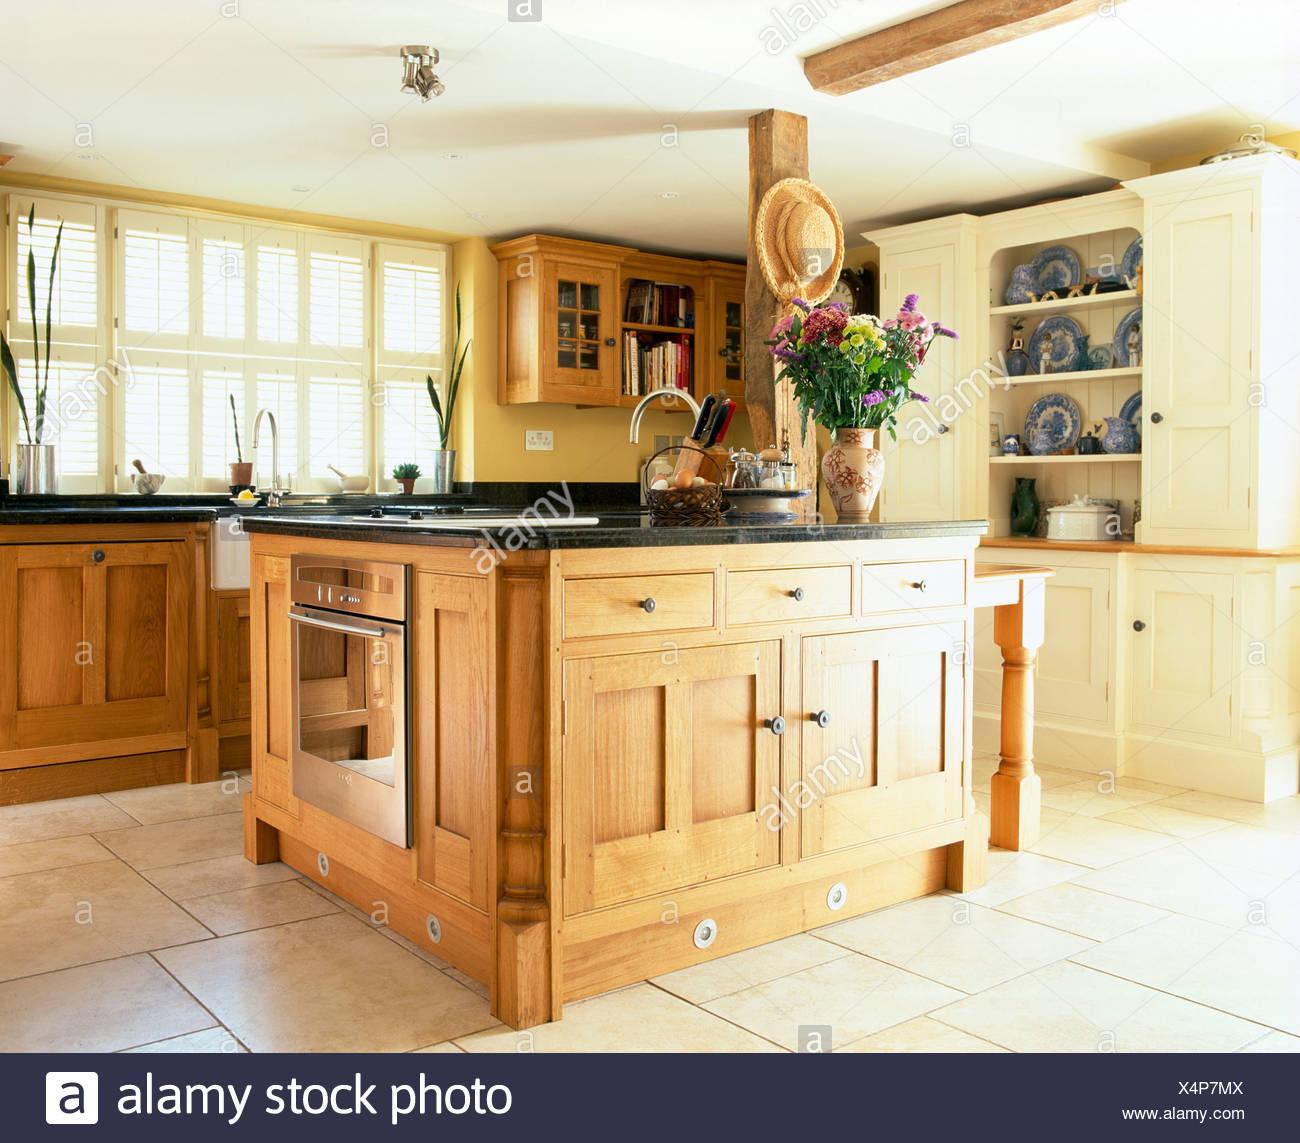 Kitchen Neutral Neutrals Sink Imágenes De Stock & Kitchen Neutral ...